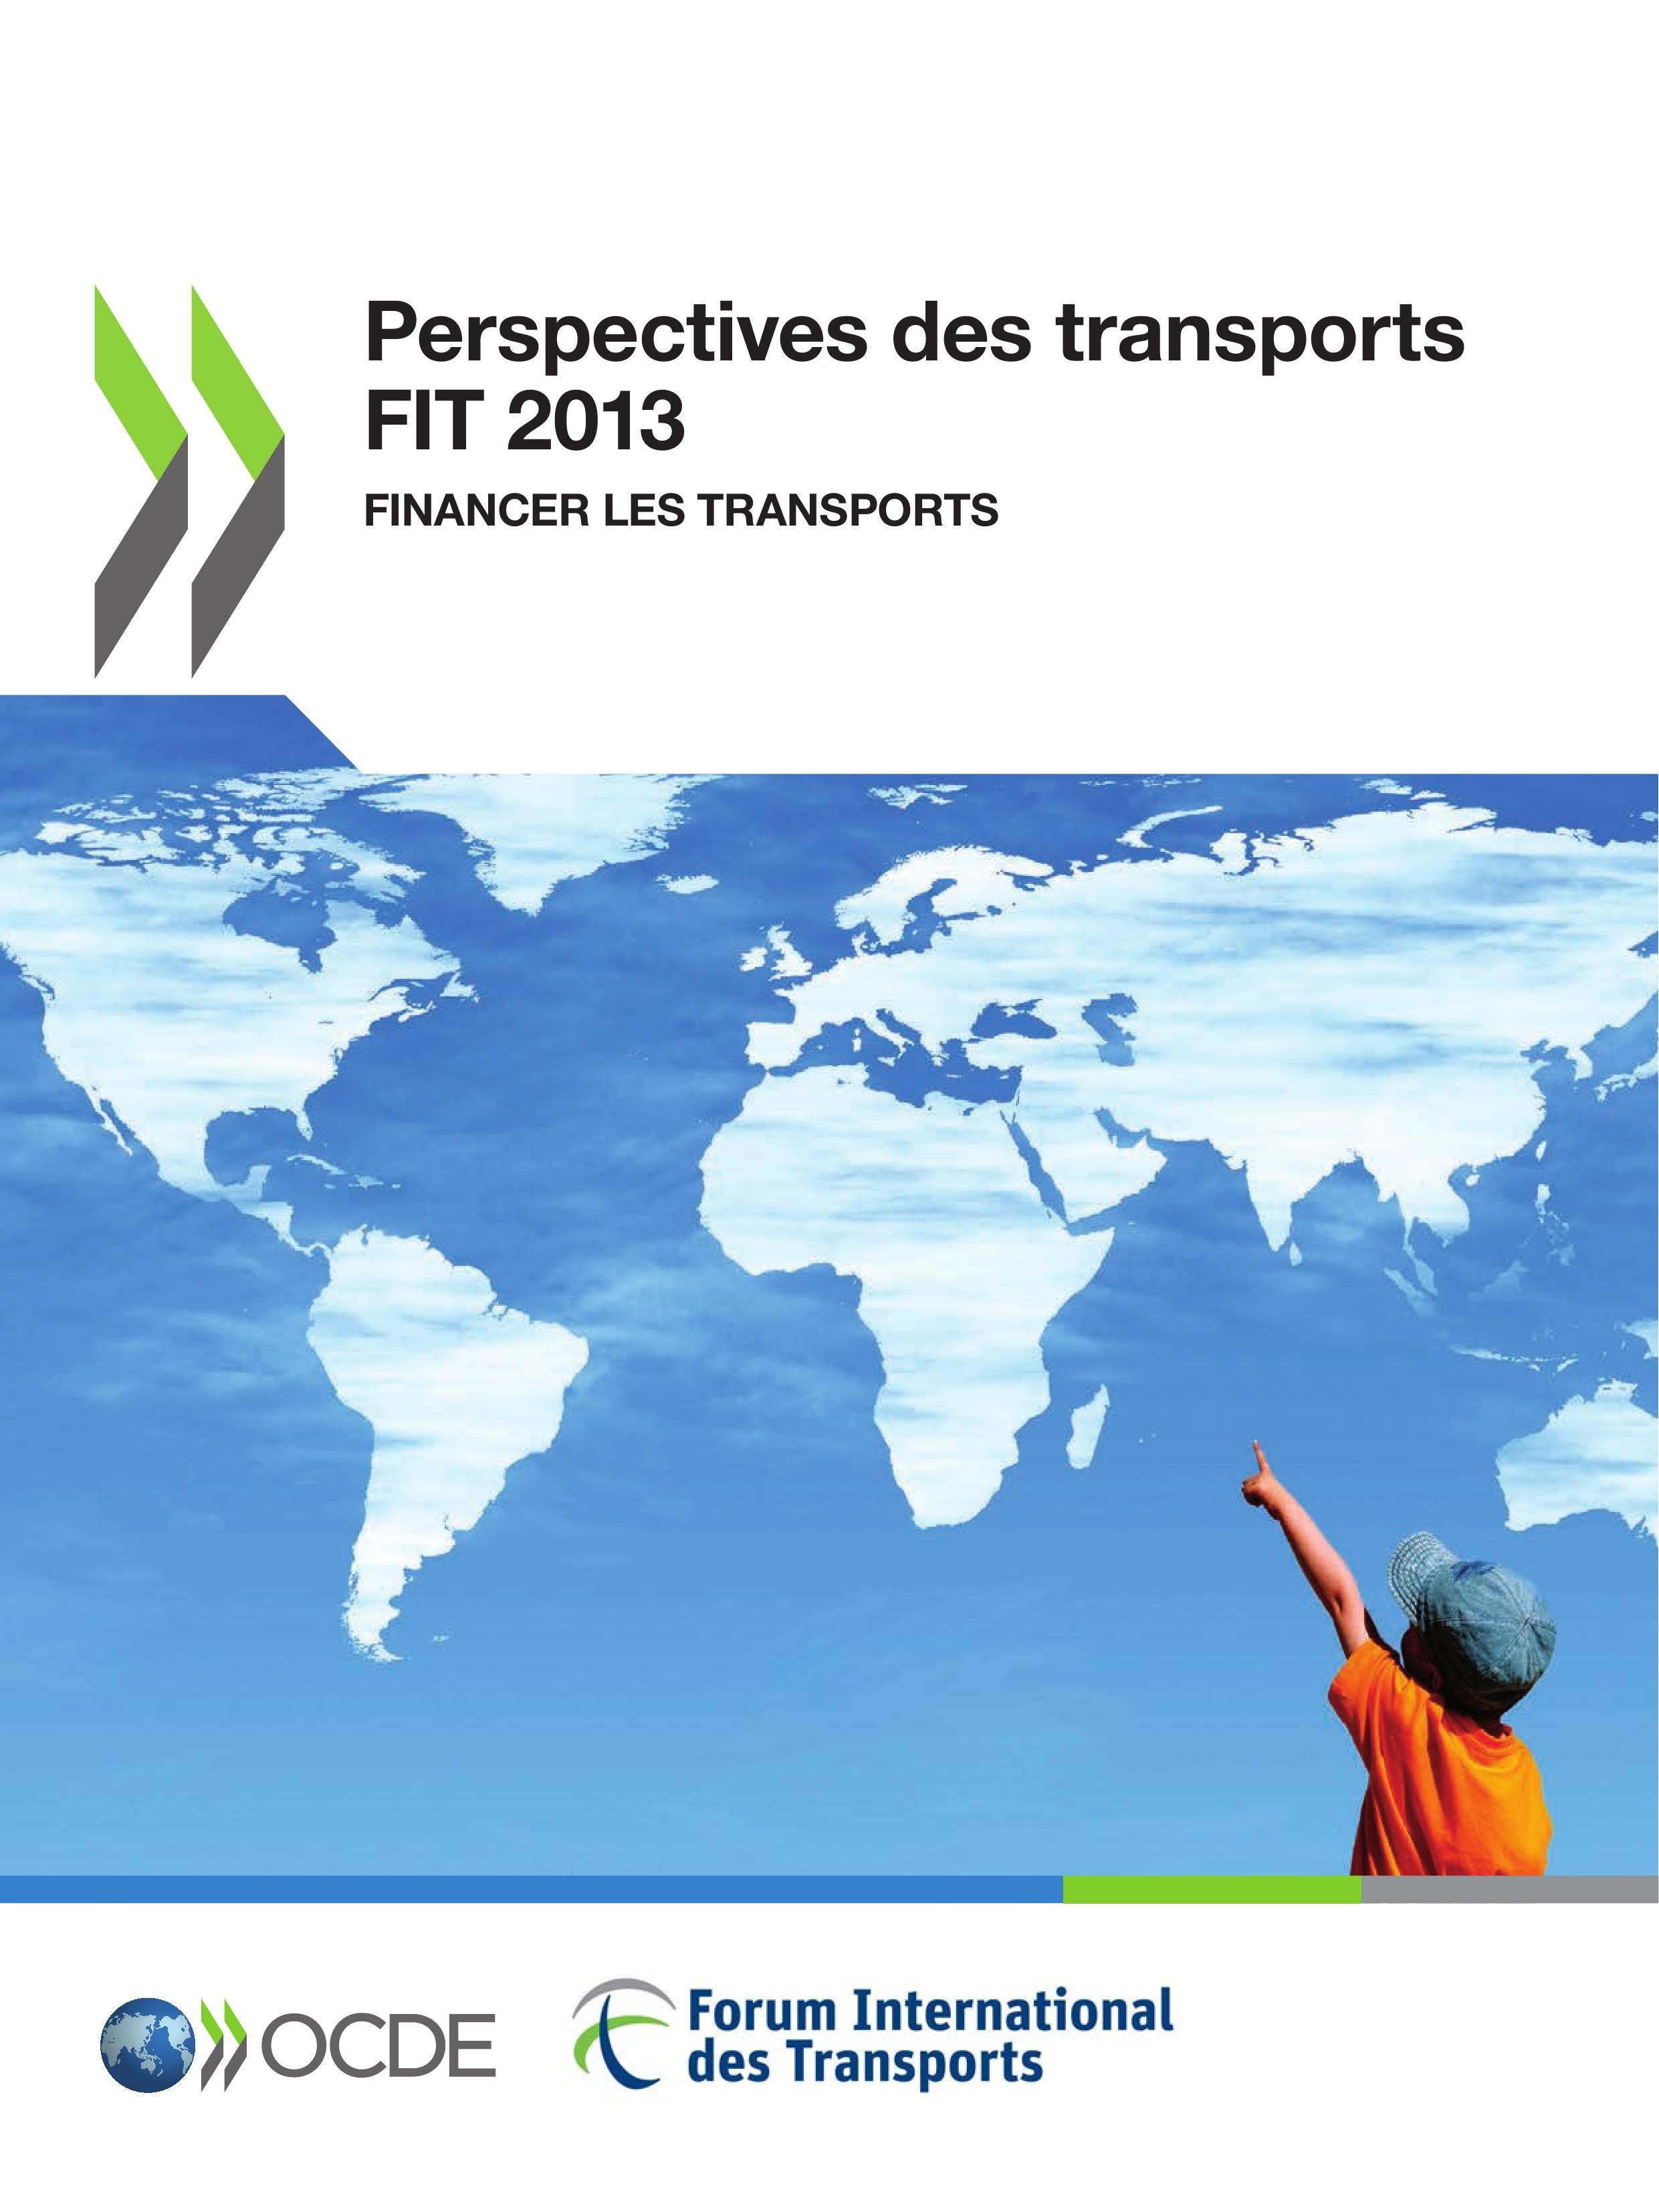 Ocde Perspectives des transports FIT ; financer les transports (édition 2013)